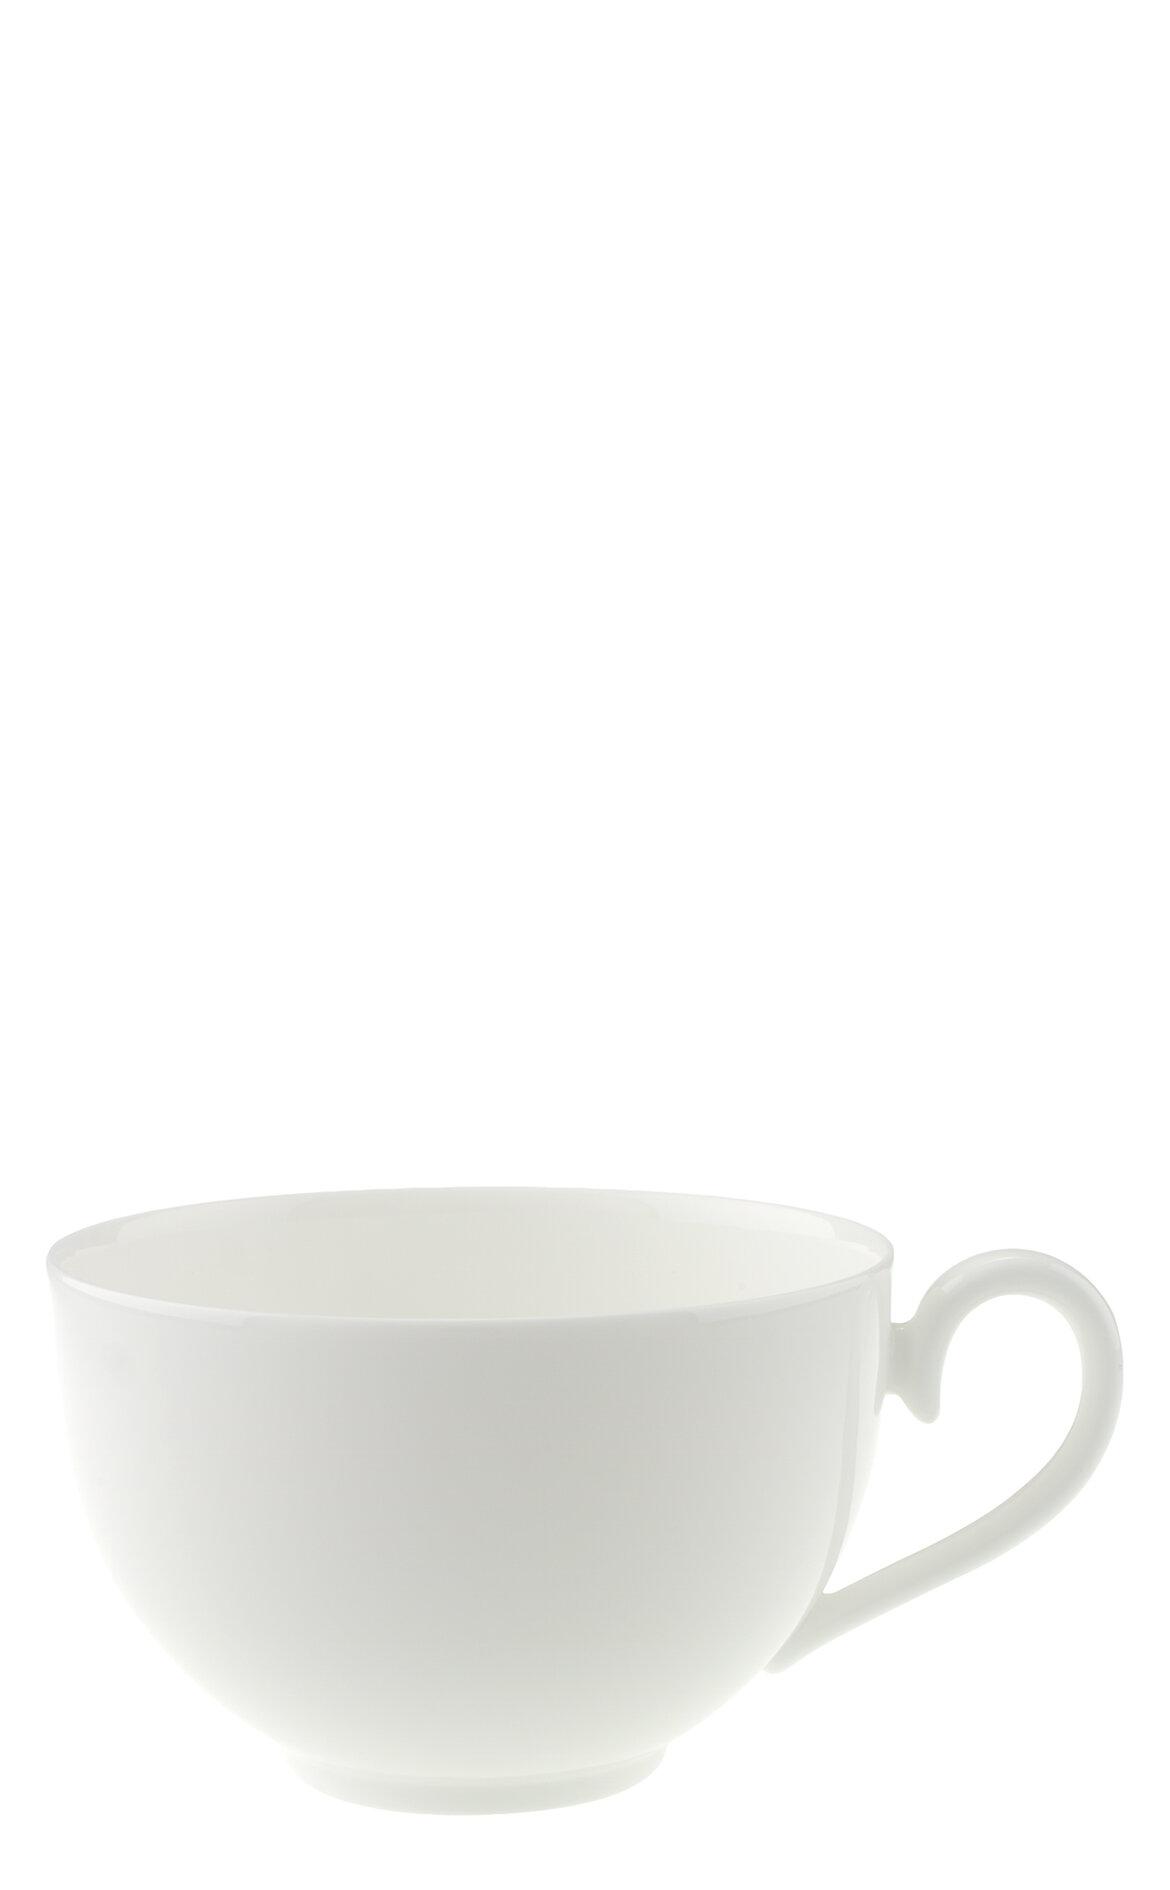 Villeroy & Boch-Villeroy & Boch Royal Jumbo Kahve/Çay Fincanı